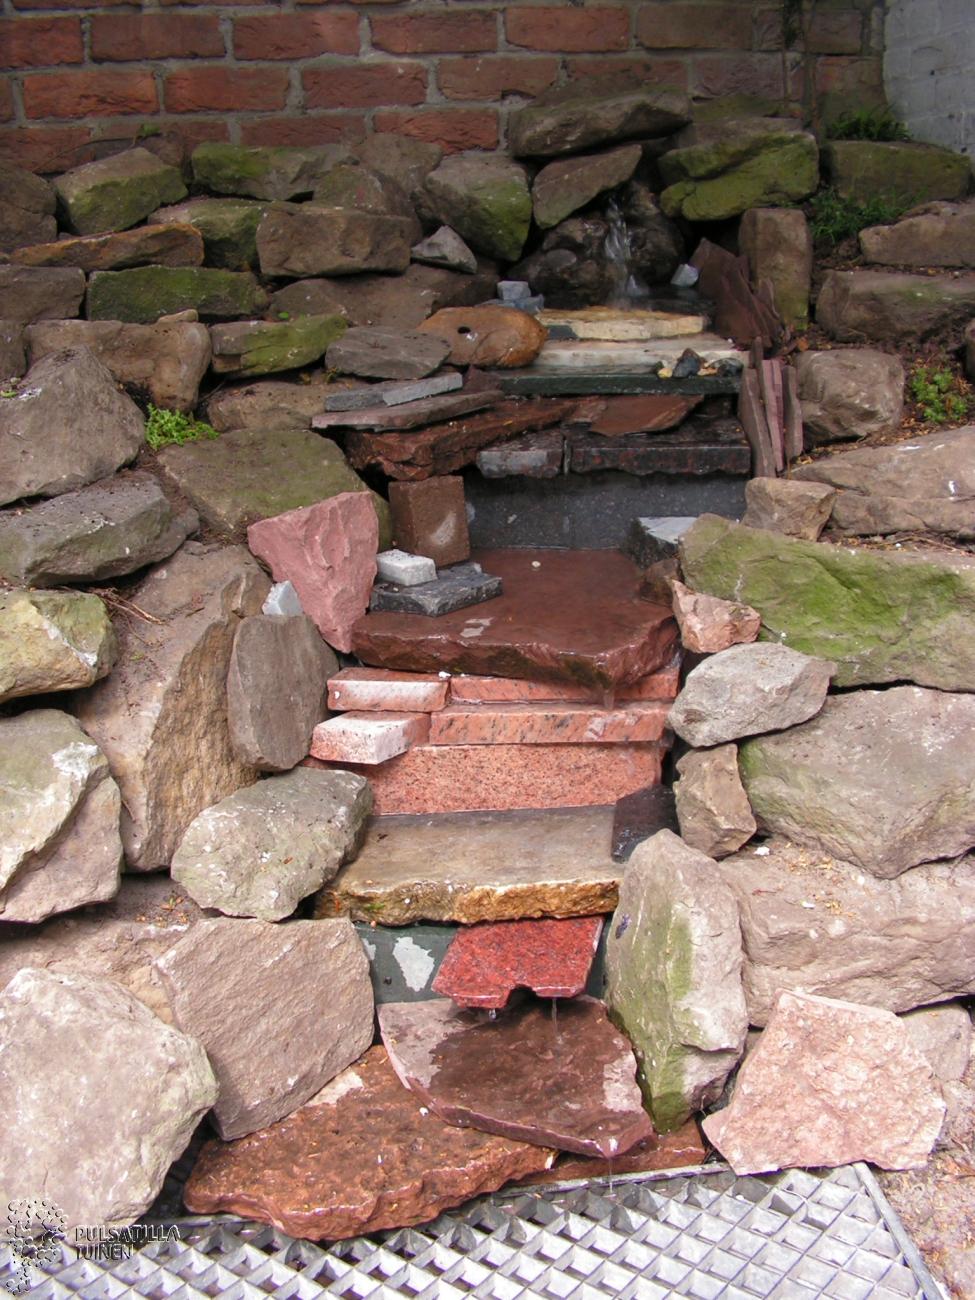 waterval van grafsteenresten